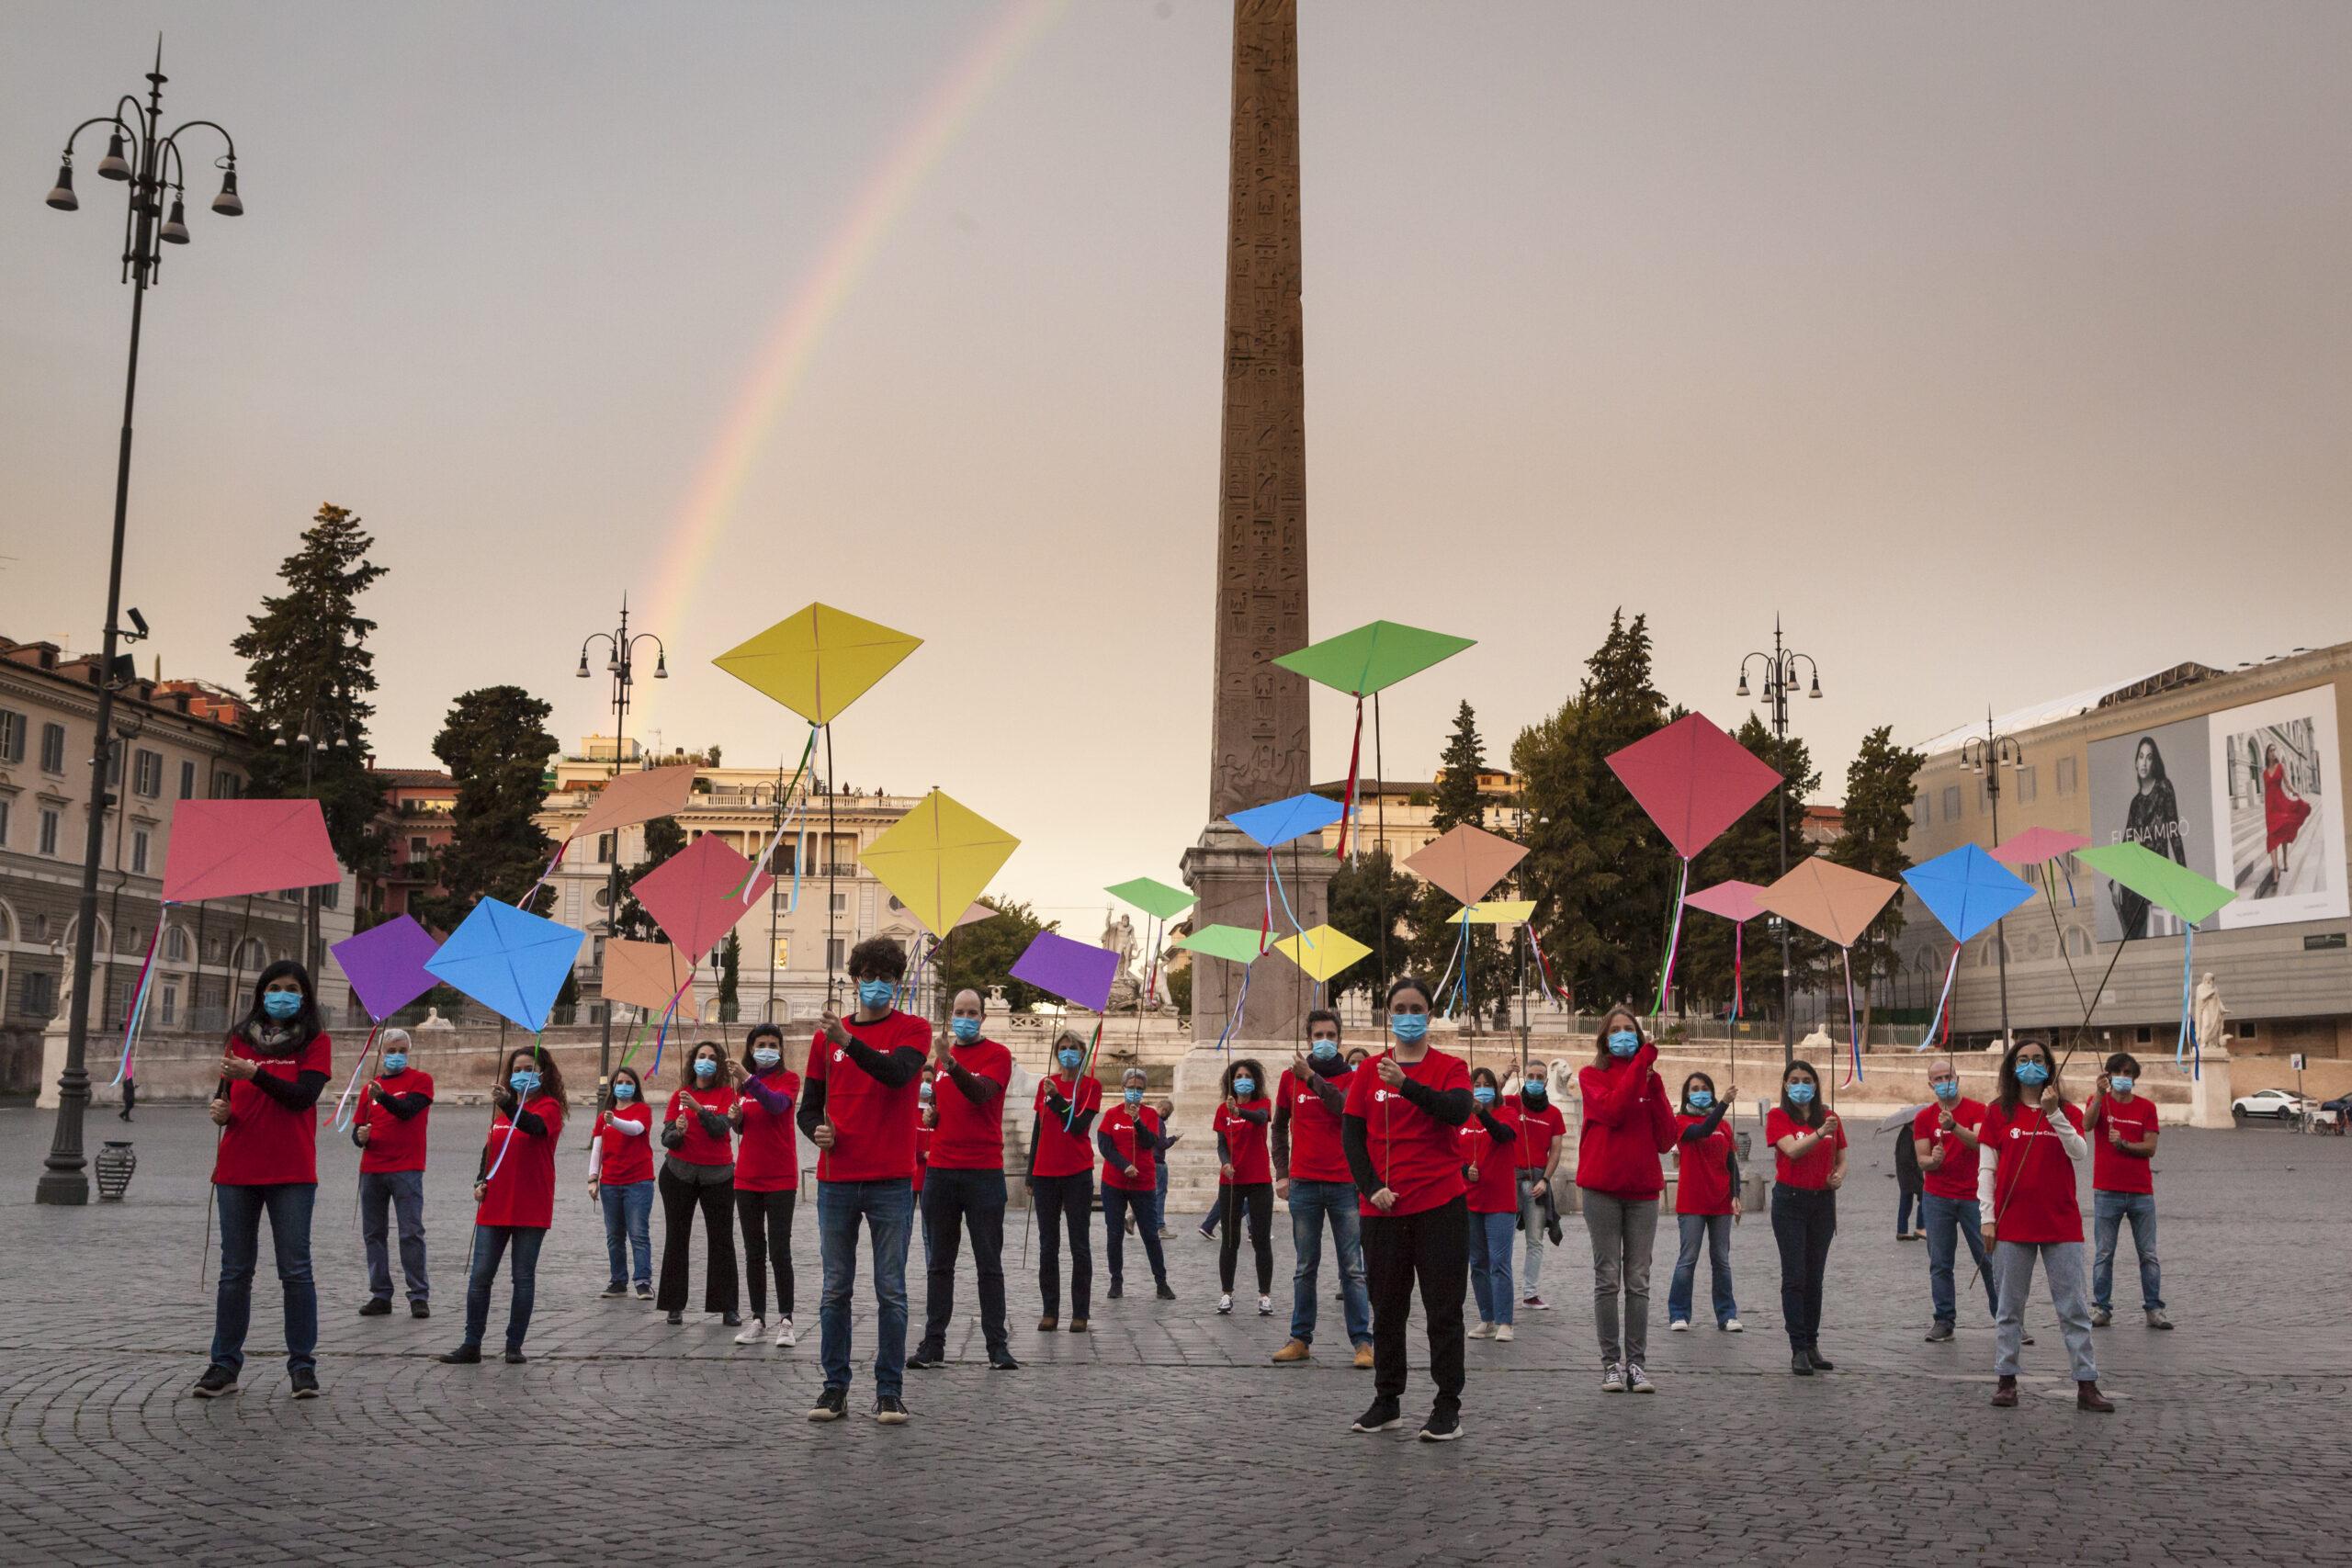 G20 Afghanistan: Save the Children, lettera aperta a Draghi con le oltre 28.000 firme della petizione per chiedere più aiuti per i bambini afghani e azione simbolica con gli aquiloni a Roma